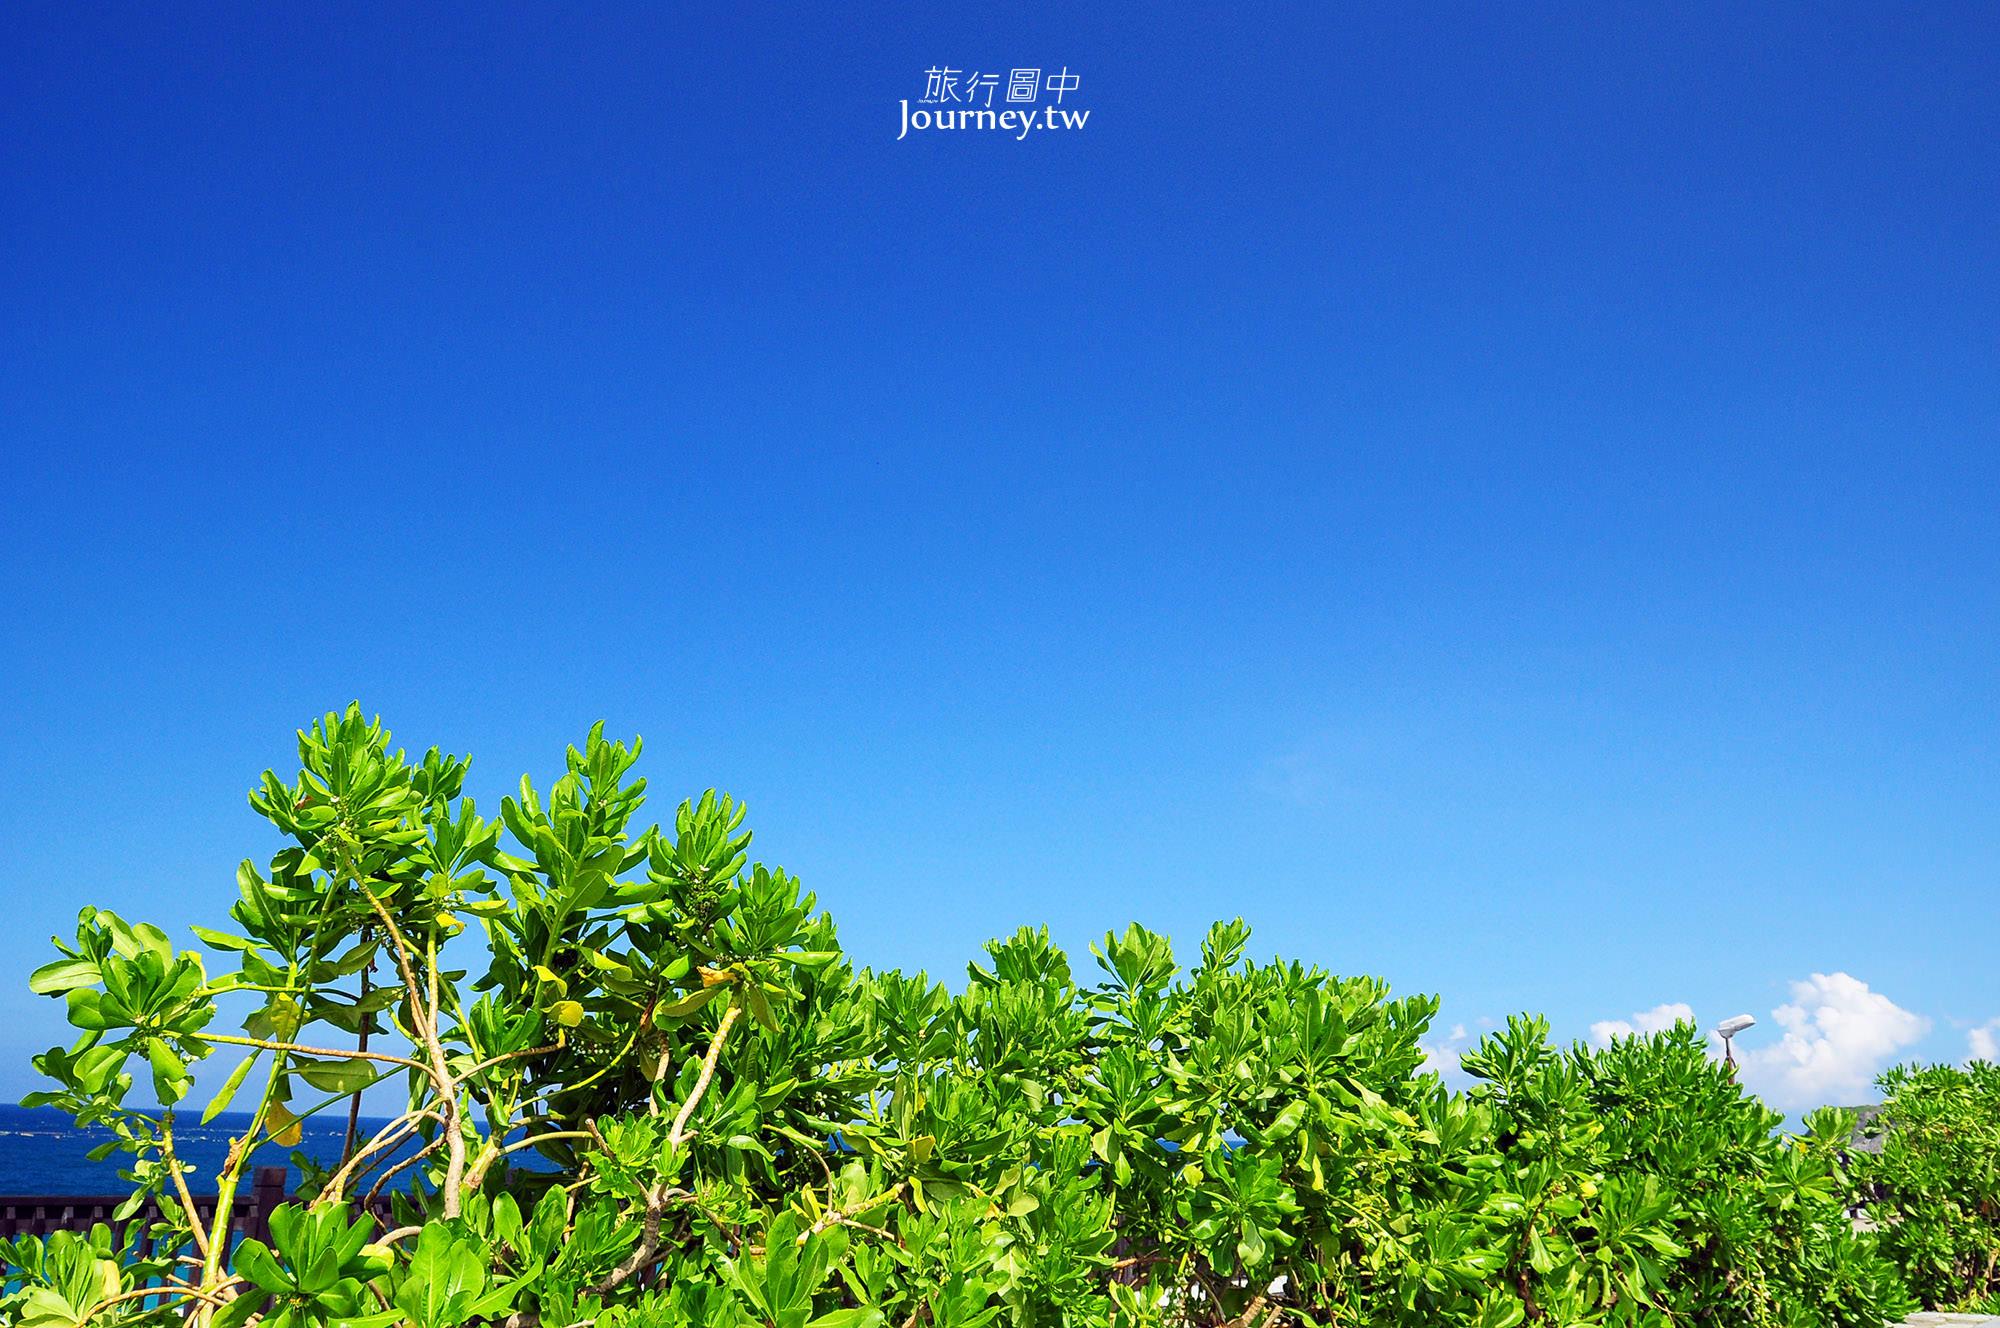 花蓮,七星潭,花蓮景點,新城鄉,花蓮看海,太平洋